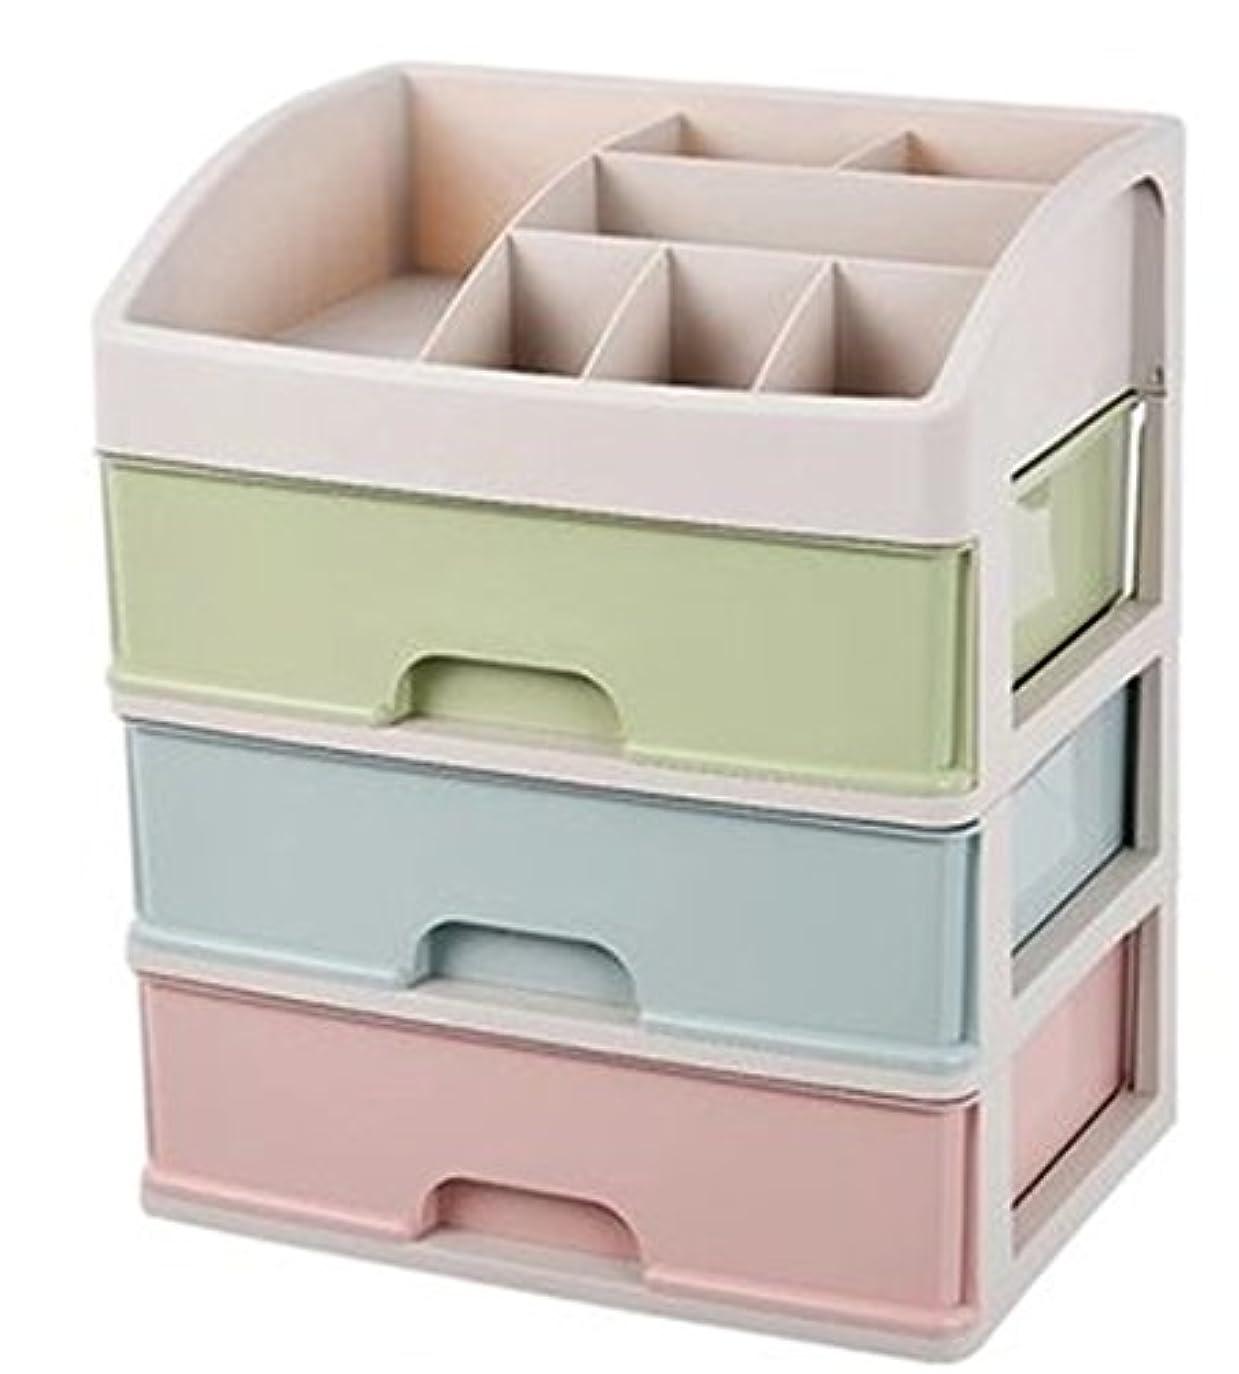 驚きタワーデコレーションZUOMAメークボックス 化粧品収納ボックス コスメスタンド 引き出し式 メークケース 小物/化粧品入れ コスメ収納 透明アクリル 大容量 (マカロン34*25*40CM(3層))